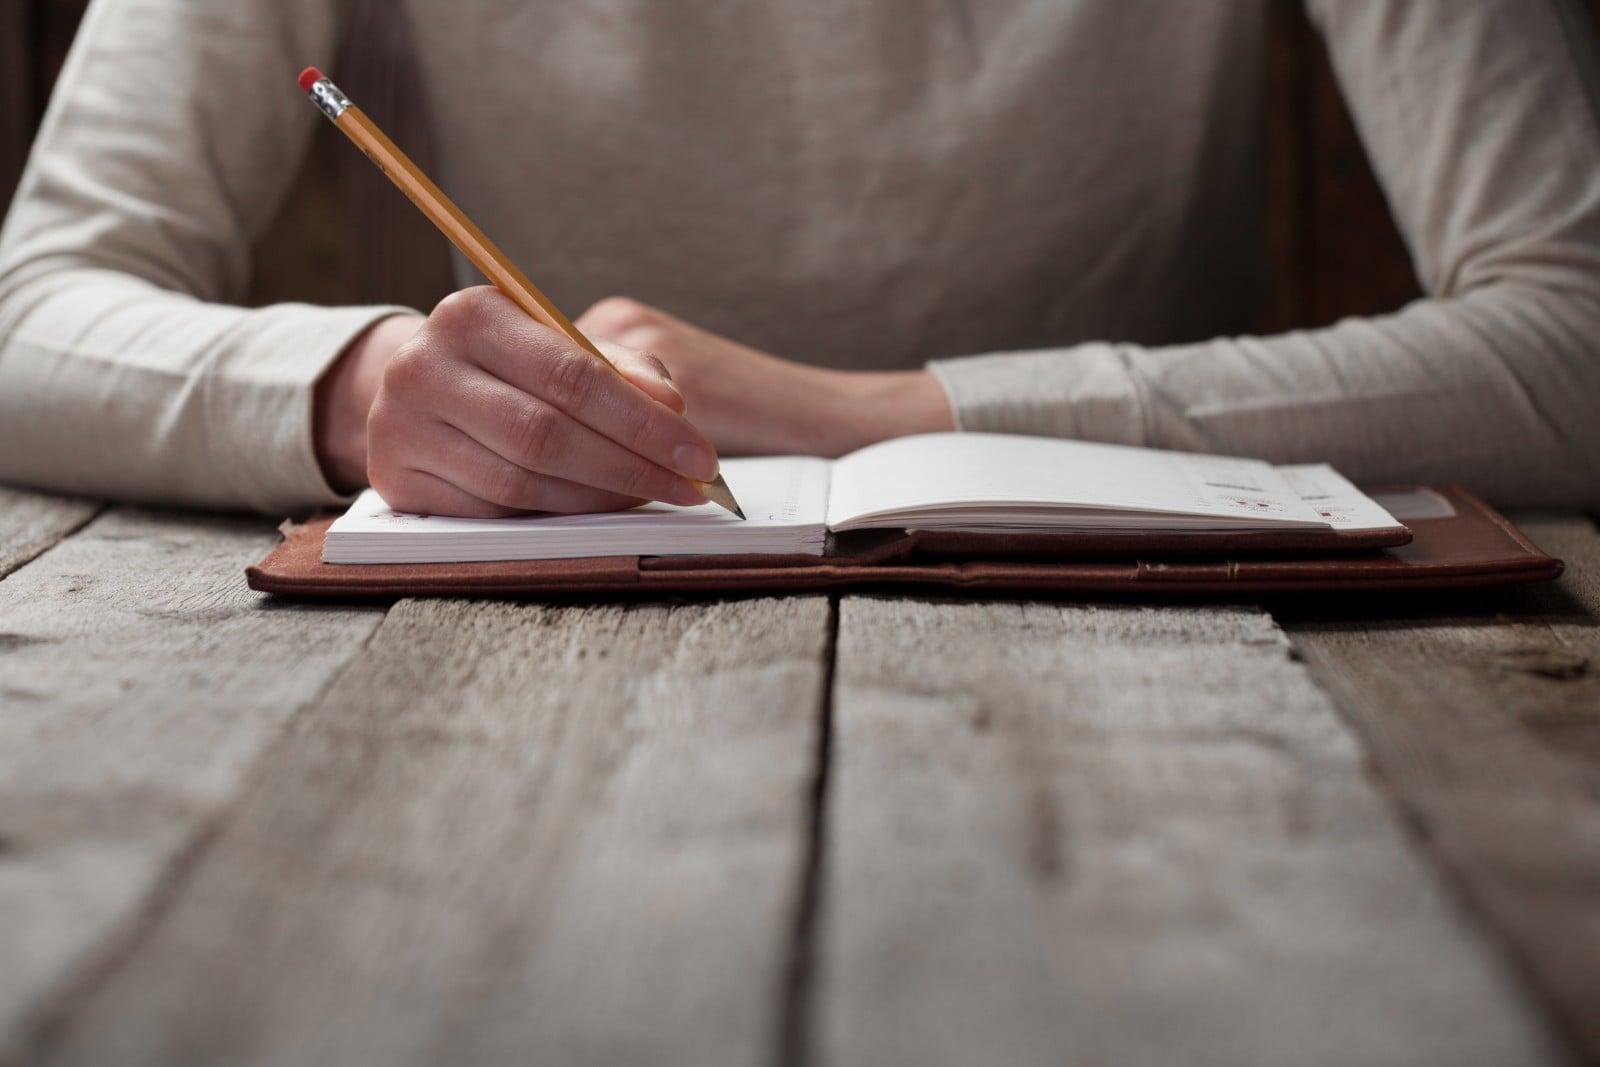 Hatalar olmadan yazmayı hızlıca öğrenmek için: Dört basit hayat